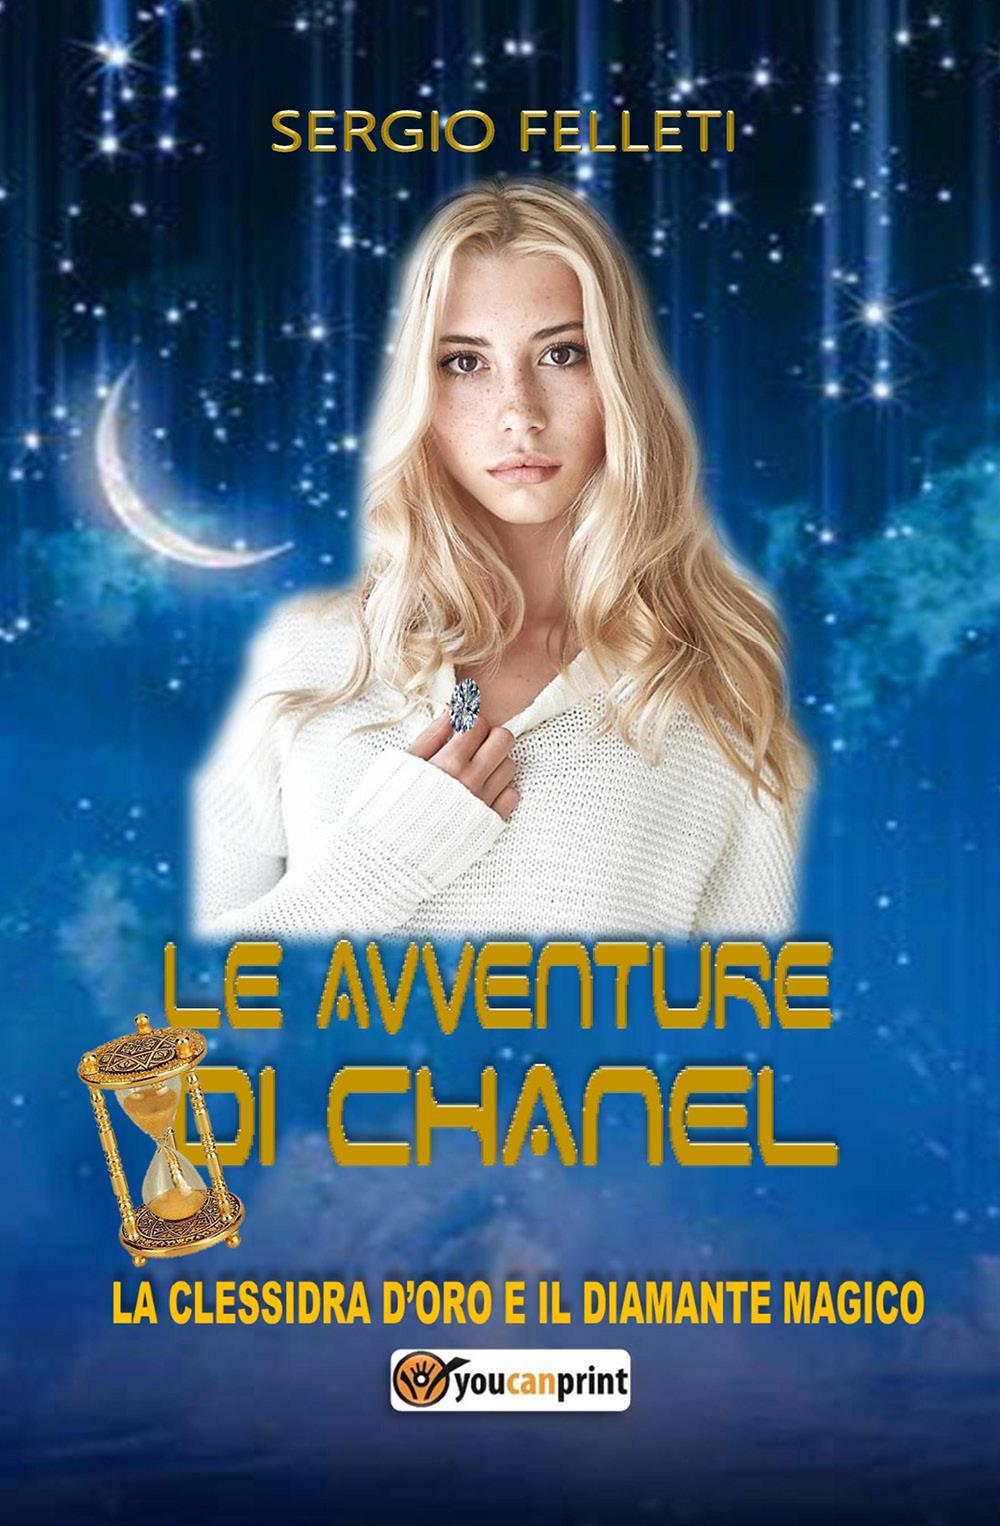 Le avventure di Chanel. La clessidra d'oro e il diamante magico